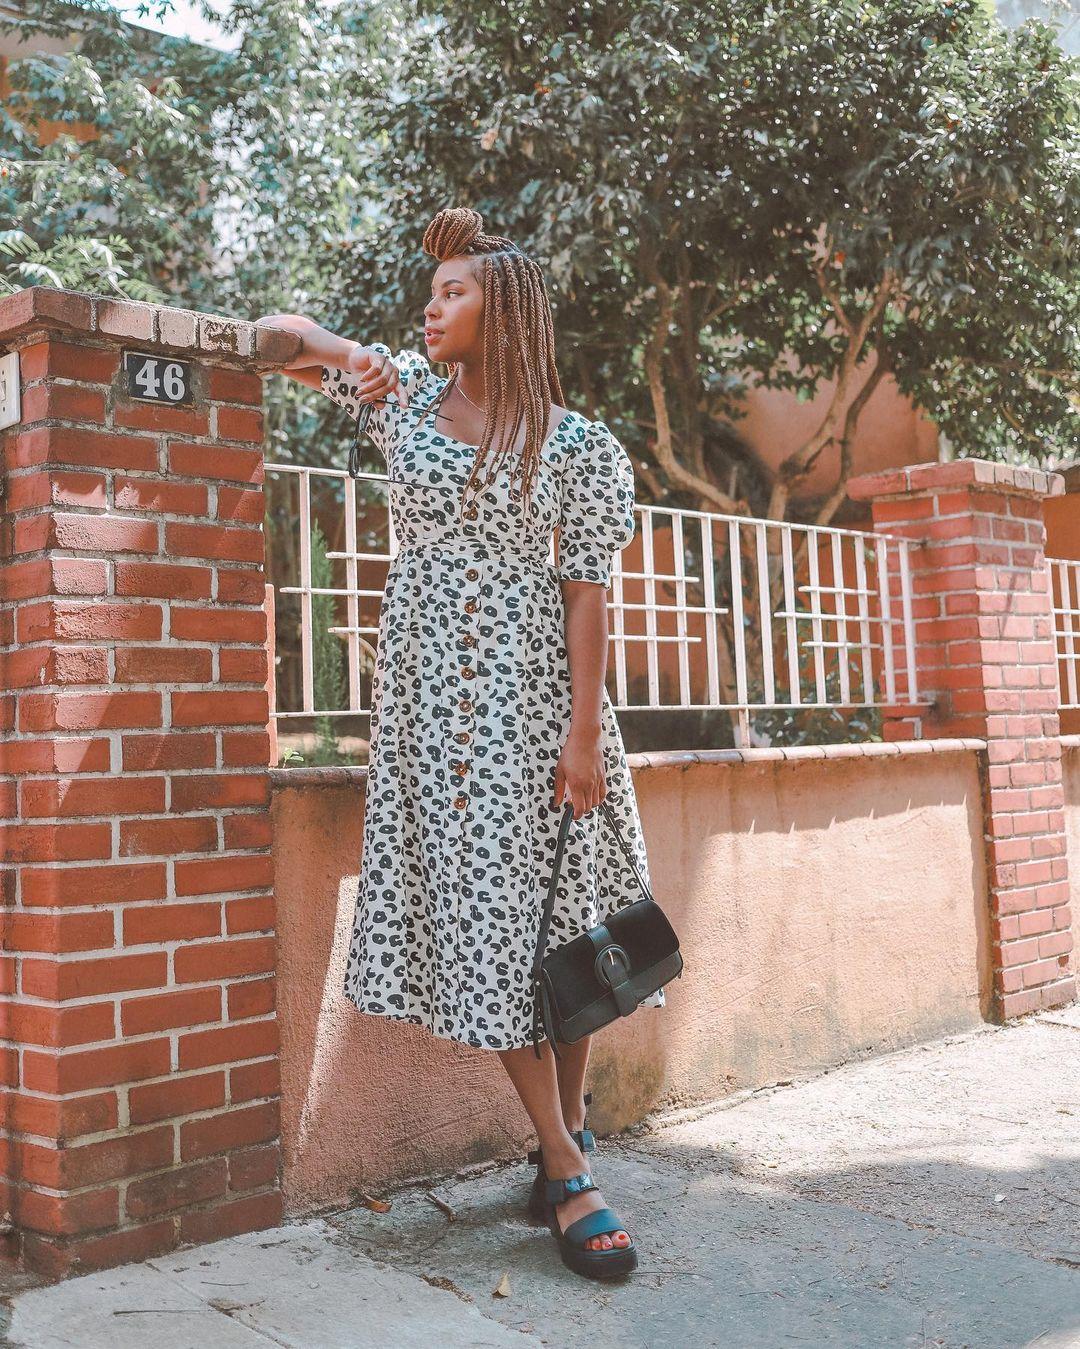 Garota usando vestido com estampa de oncinha preta e branca, segurando uma bolsa preta e usando uma sandália preta. Ela está olhando para o lado, com uma das mãos apoiadas em uma mureta de tijolinhos.